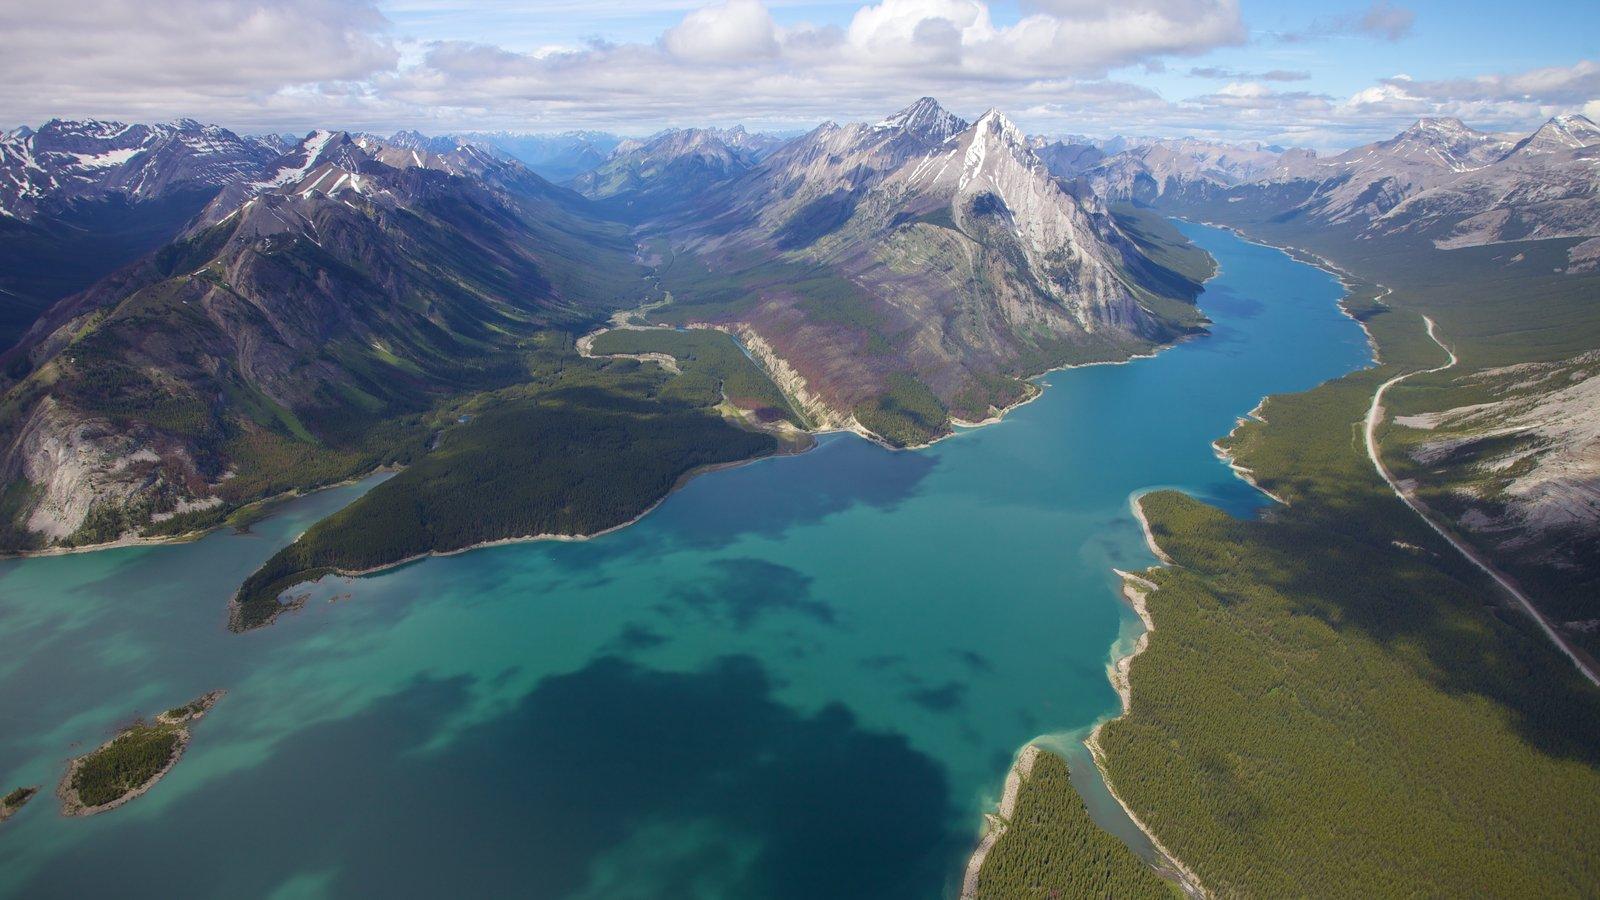 Icefields Parkway que incluye escenas tranquilas, montañas y vistas de paisajes